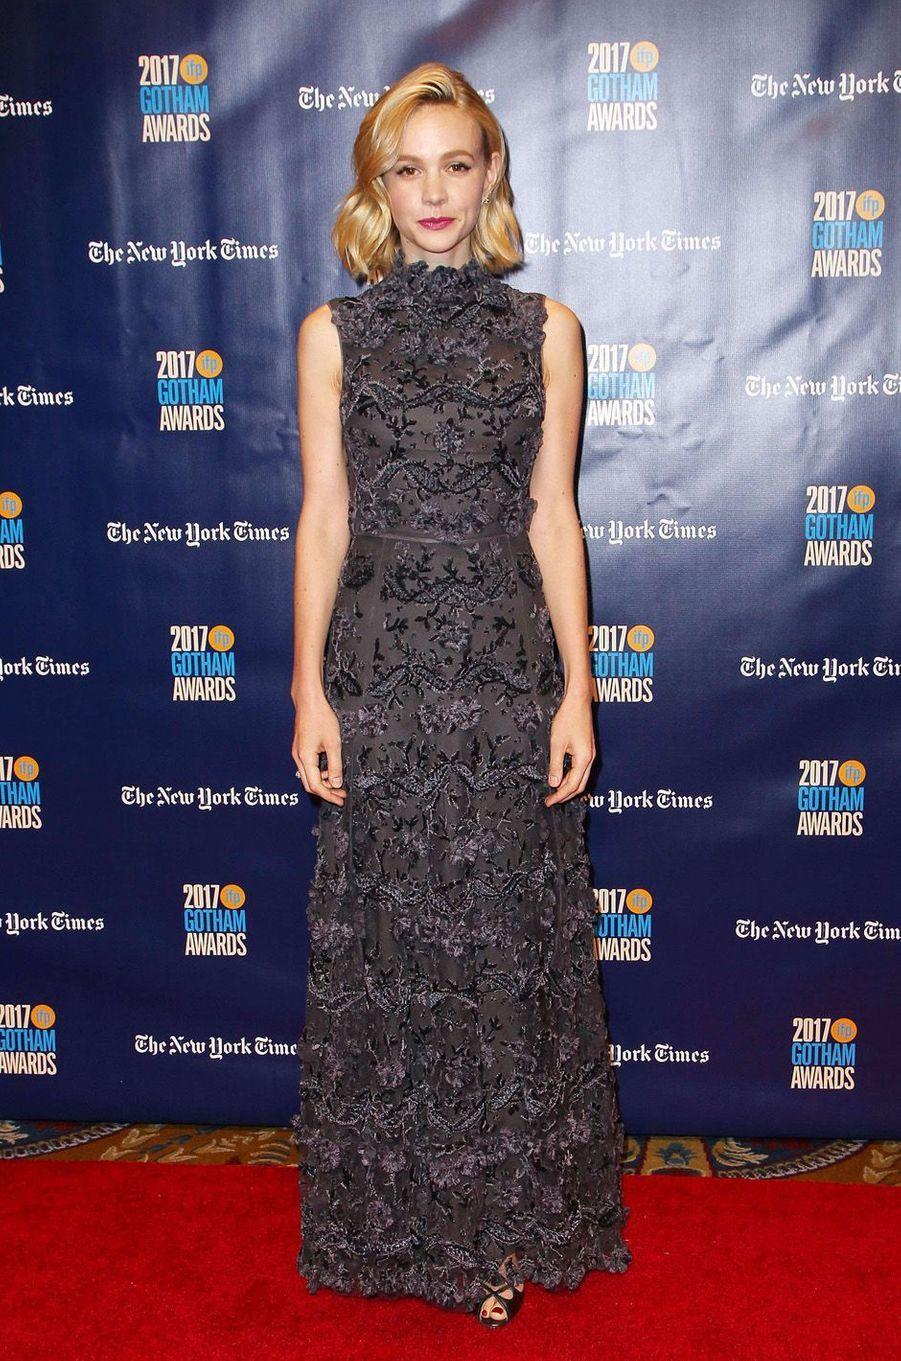 Carey Mulliganà la soirée des Gotham Awards, à New York le 27 novembre 2017.